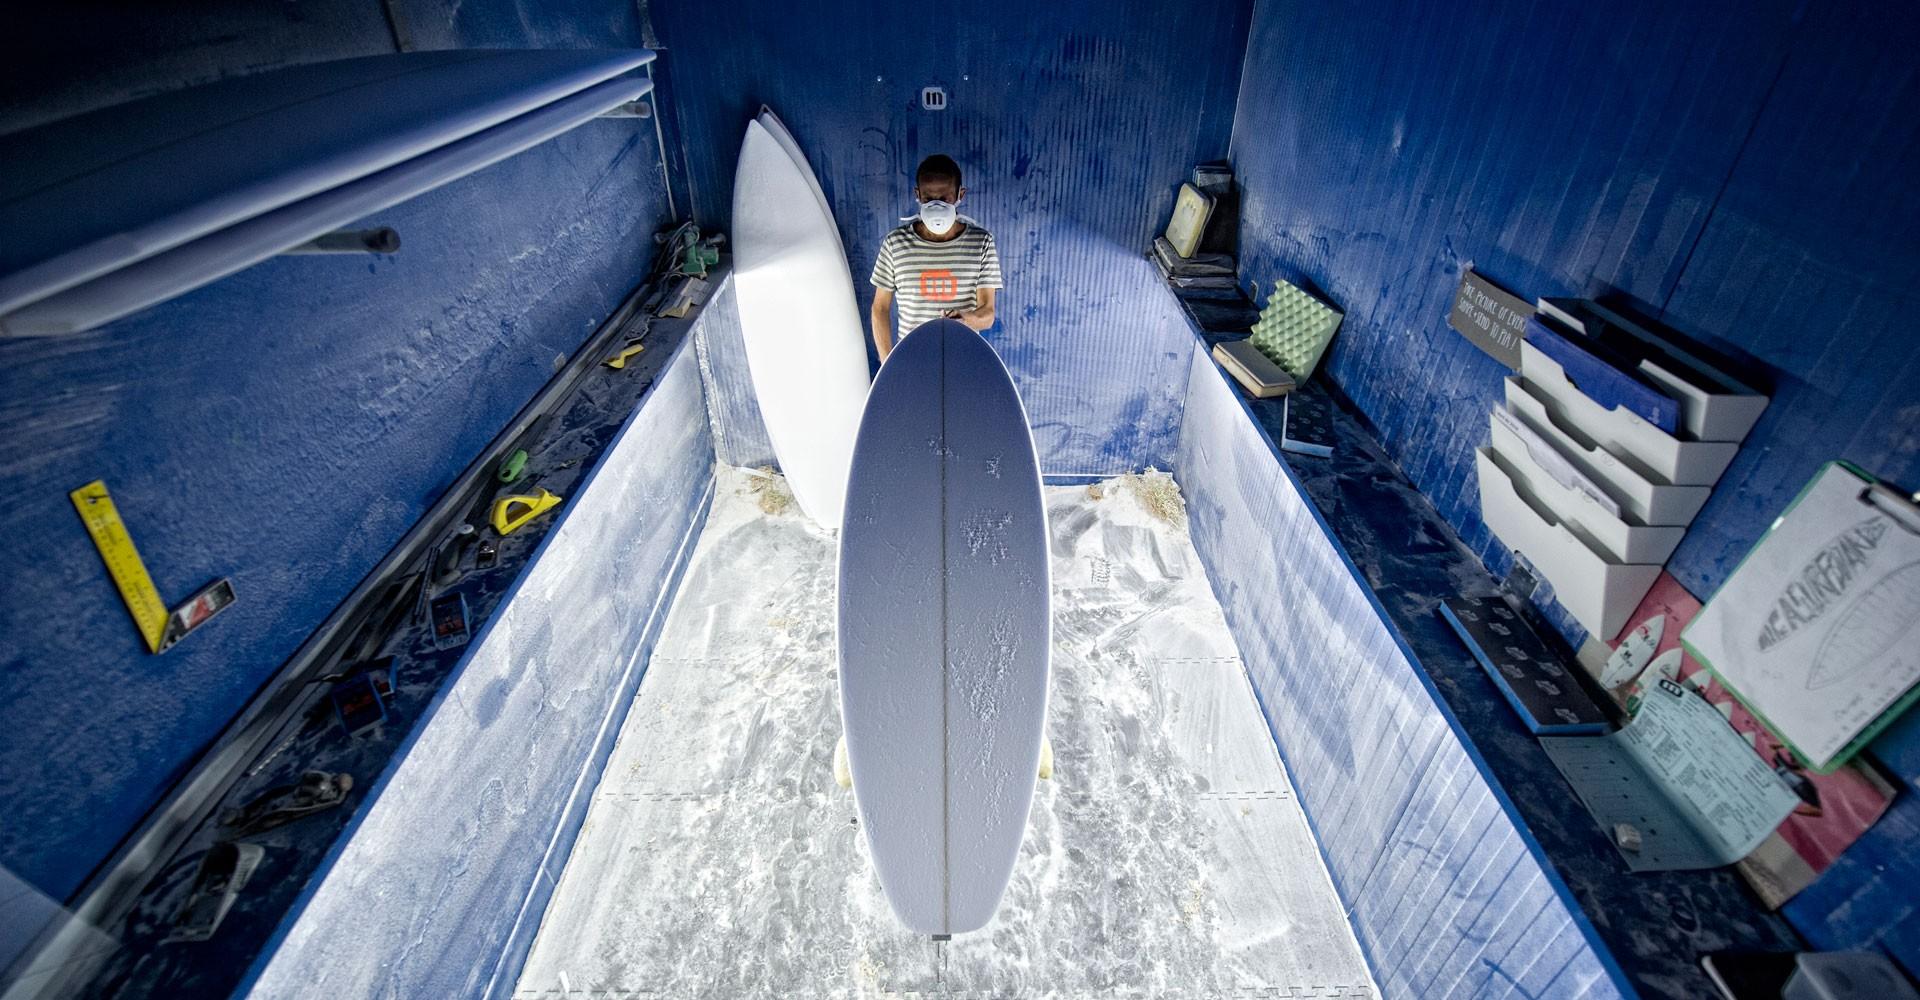 Online surf shop